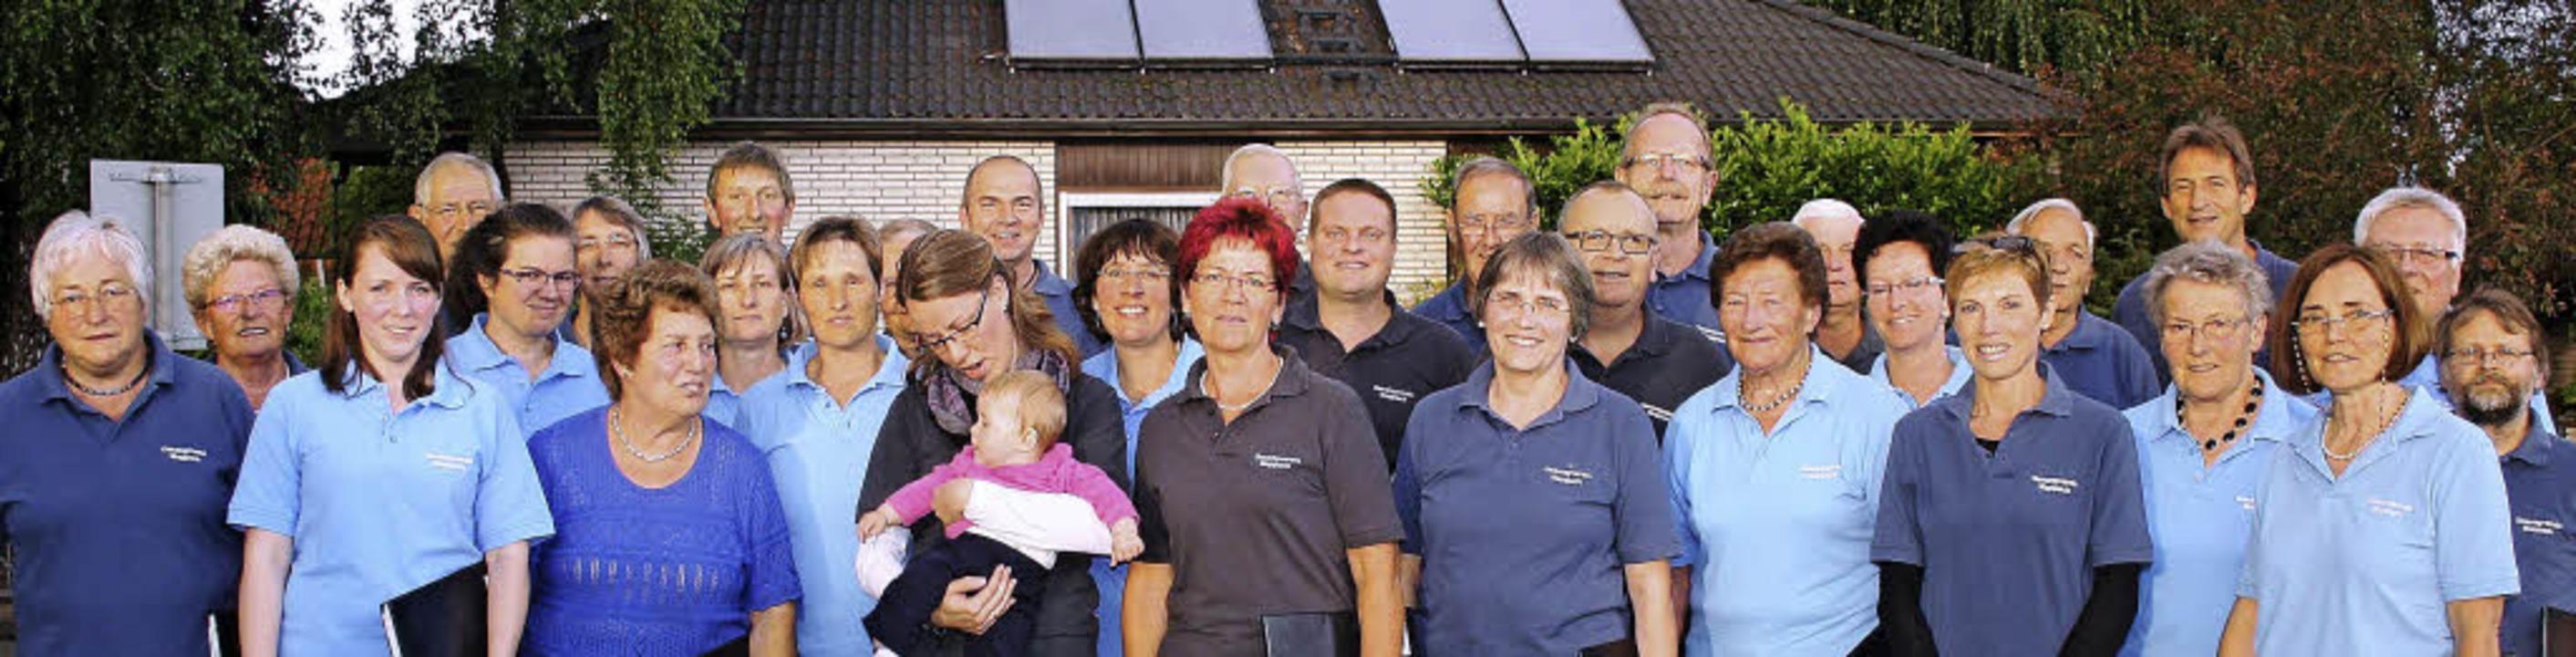 Der  Gesangverein Mappach feierte mit dem befreundeten Gesangverein Hegenheim.   | Foto: Günter Meder